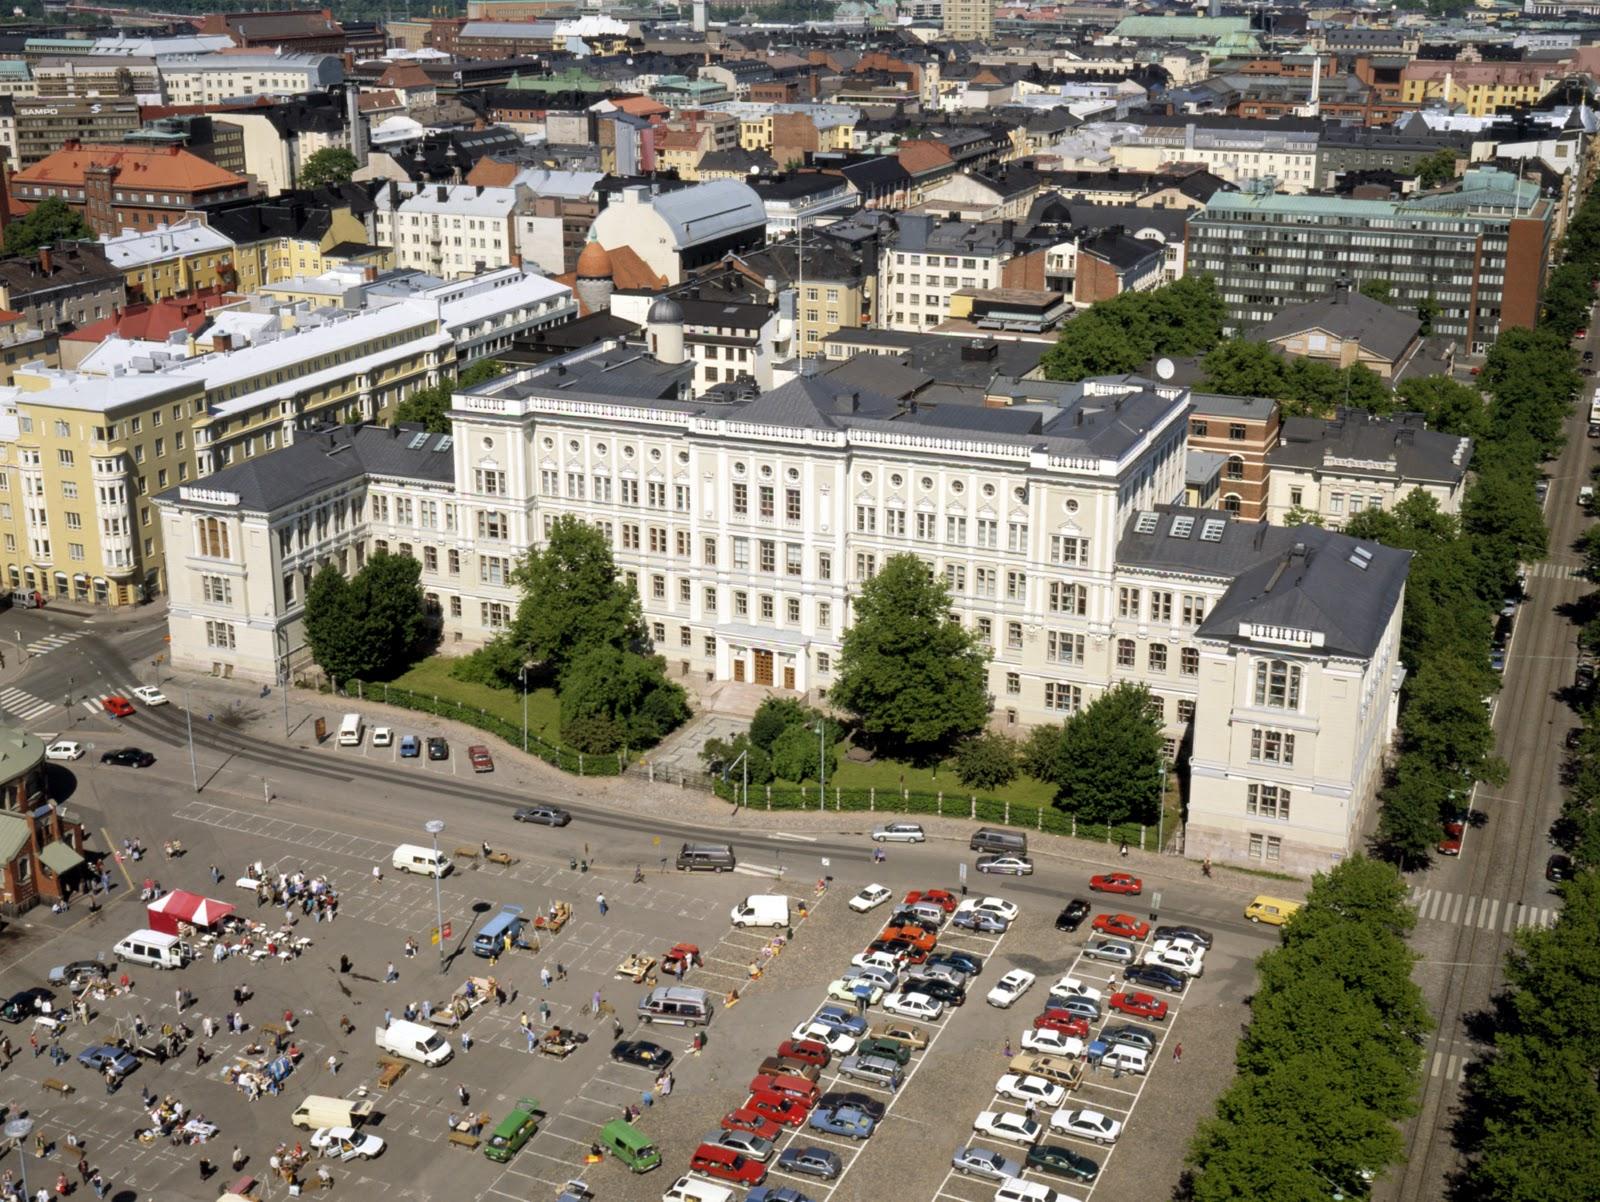 Inssit satavee: Suomenkielisen insinöörikoulutuksen alkutaival Helsingissä